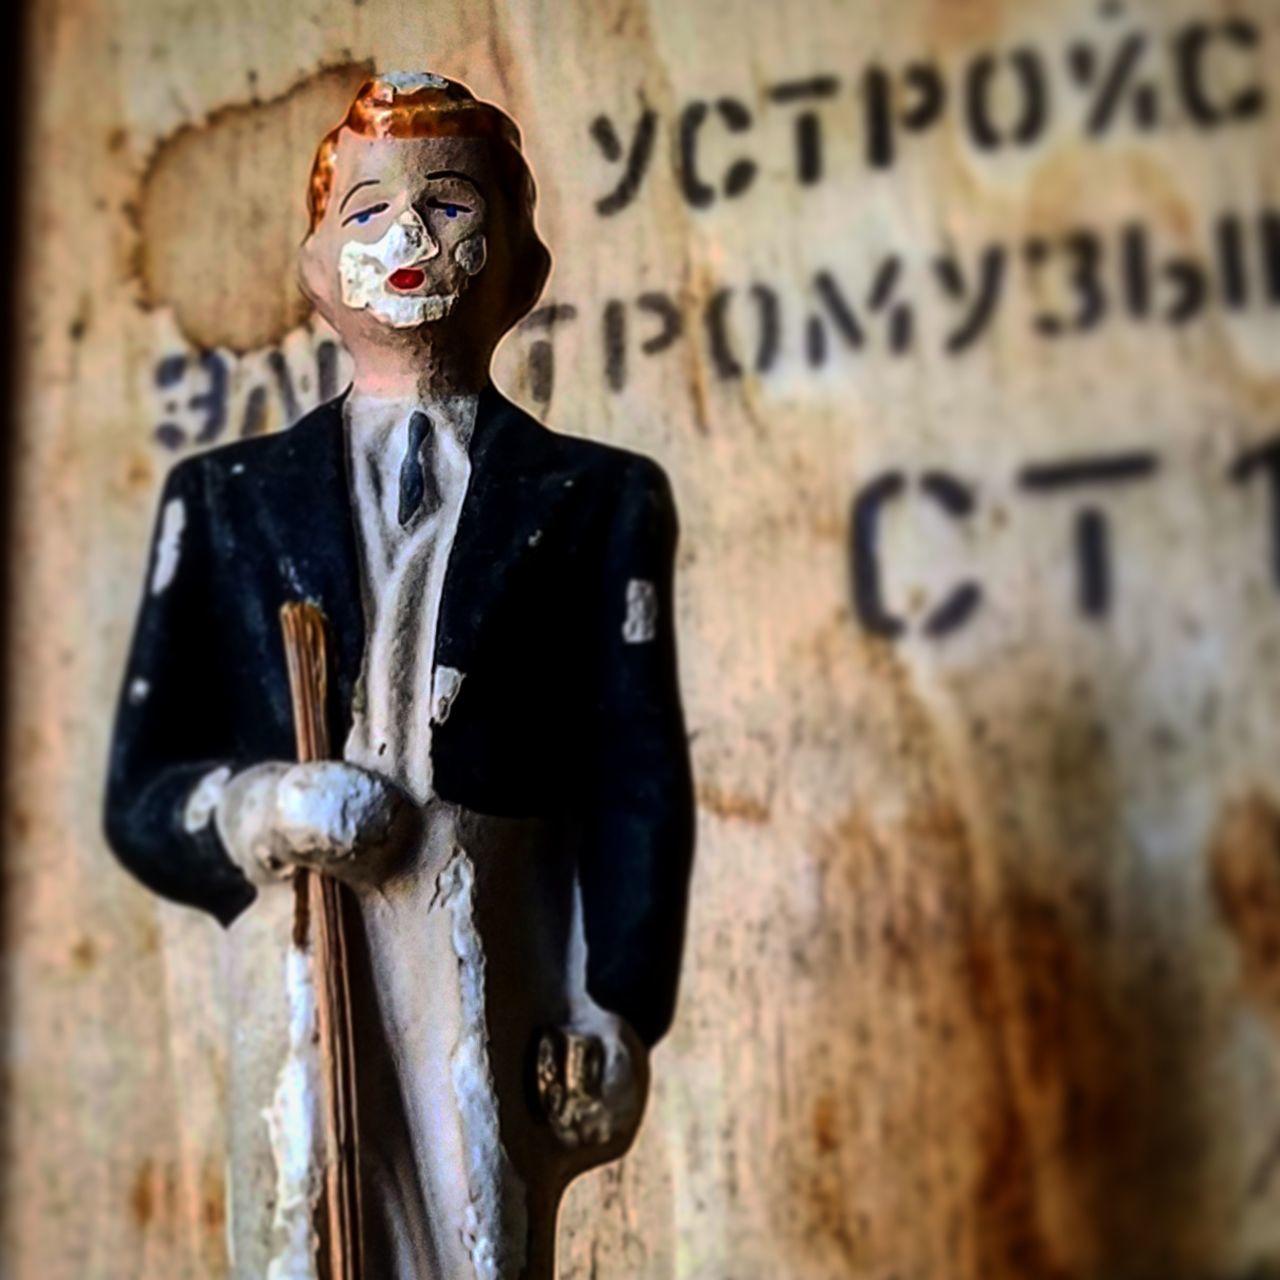 Creepy Creepy Face Creepy Doll Creepy Art Oddity Oddities Curiosity Curiosities Eerie Eerie Toys Eerie Photos Foundobjects Foundobject Weird Art Strange Things